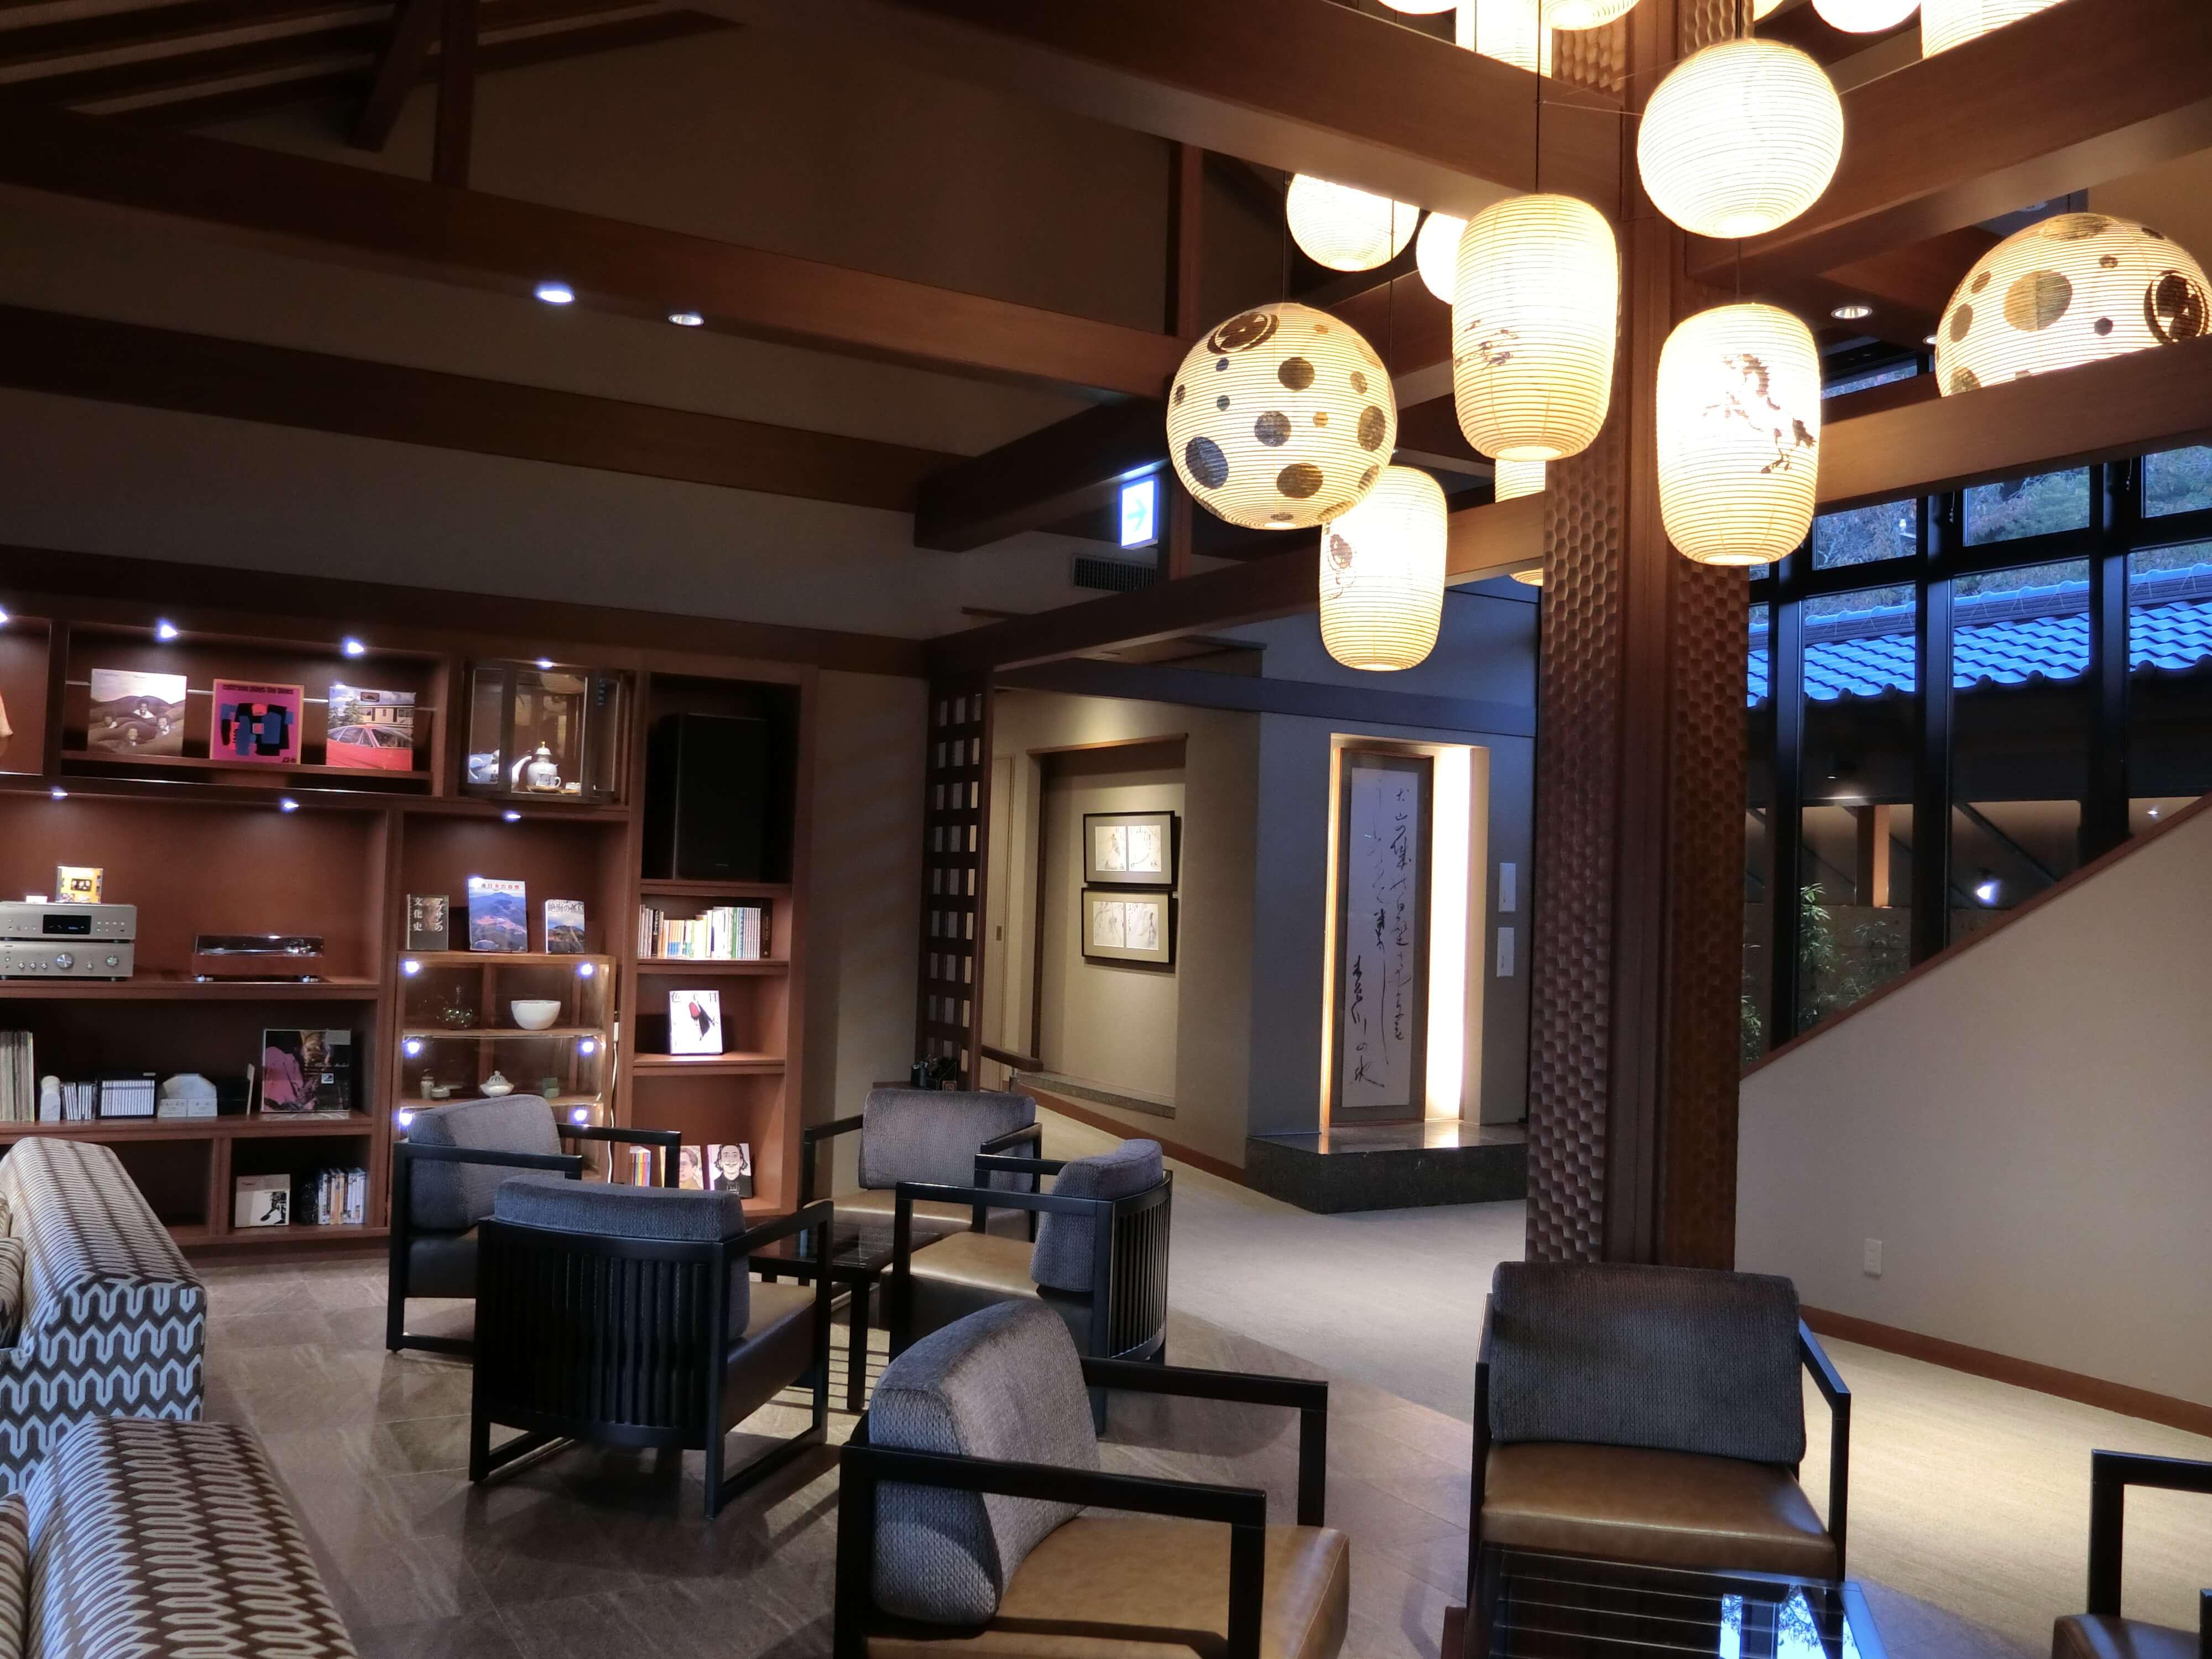 【犬山市高級旅館】灯屋 迎帆楼(あかりや げいはんろう)|ラウンジ1